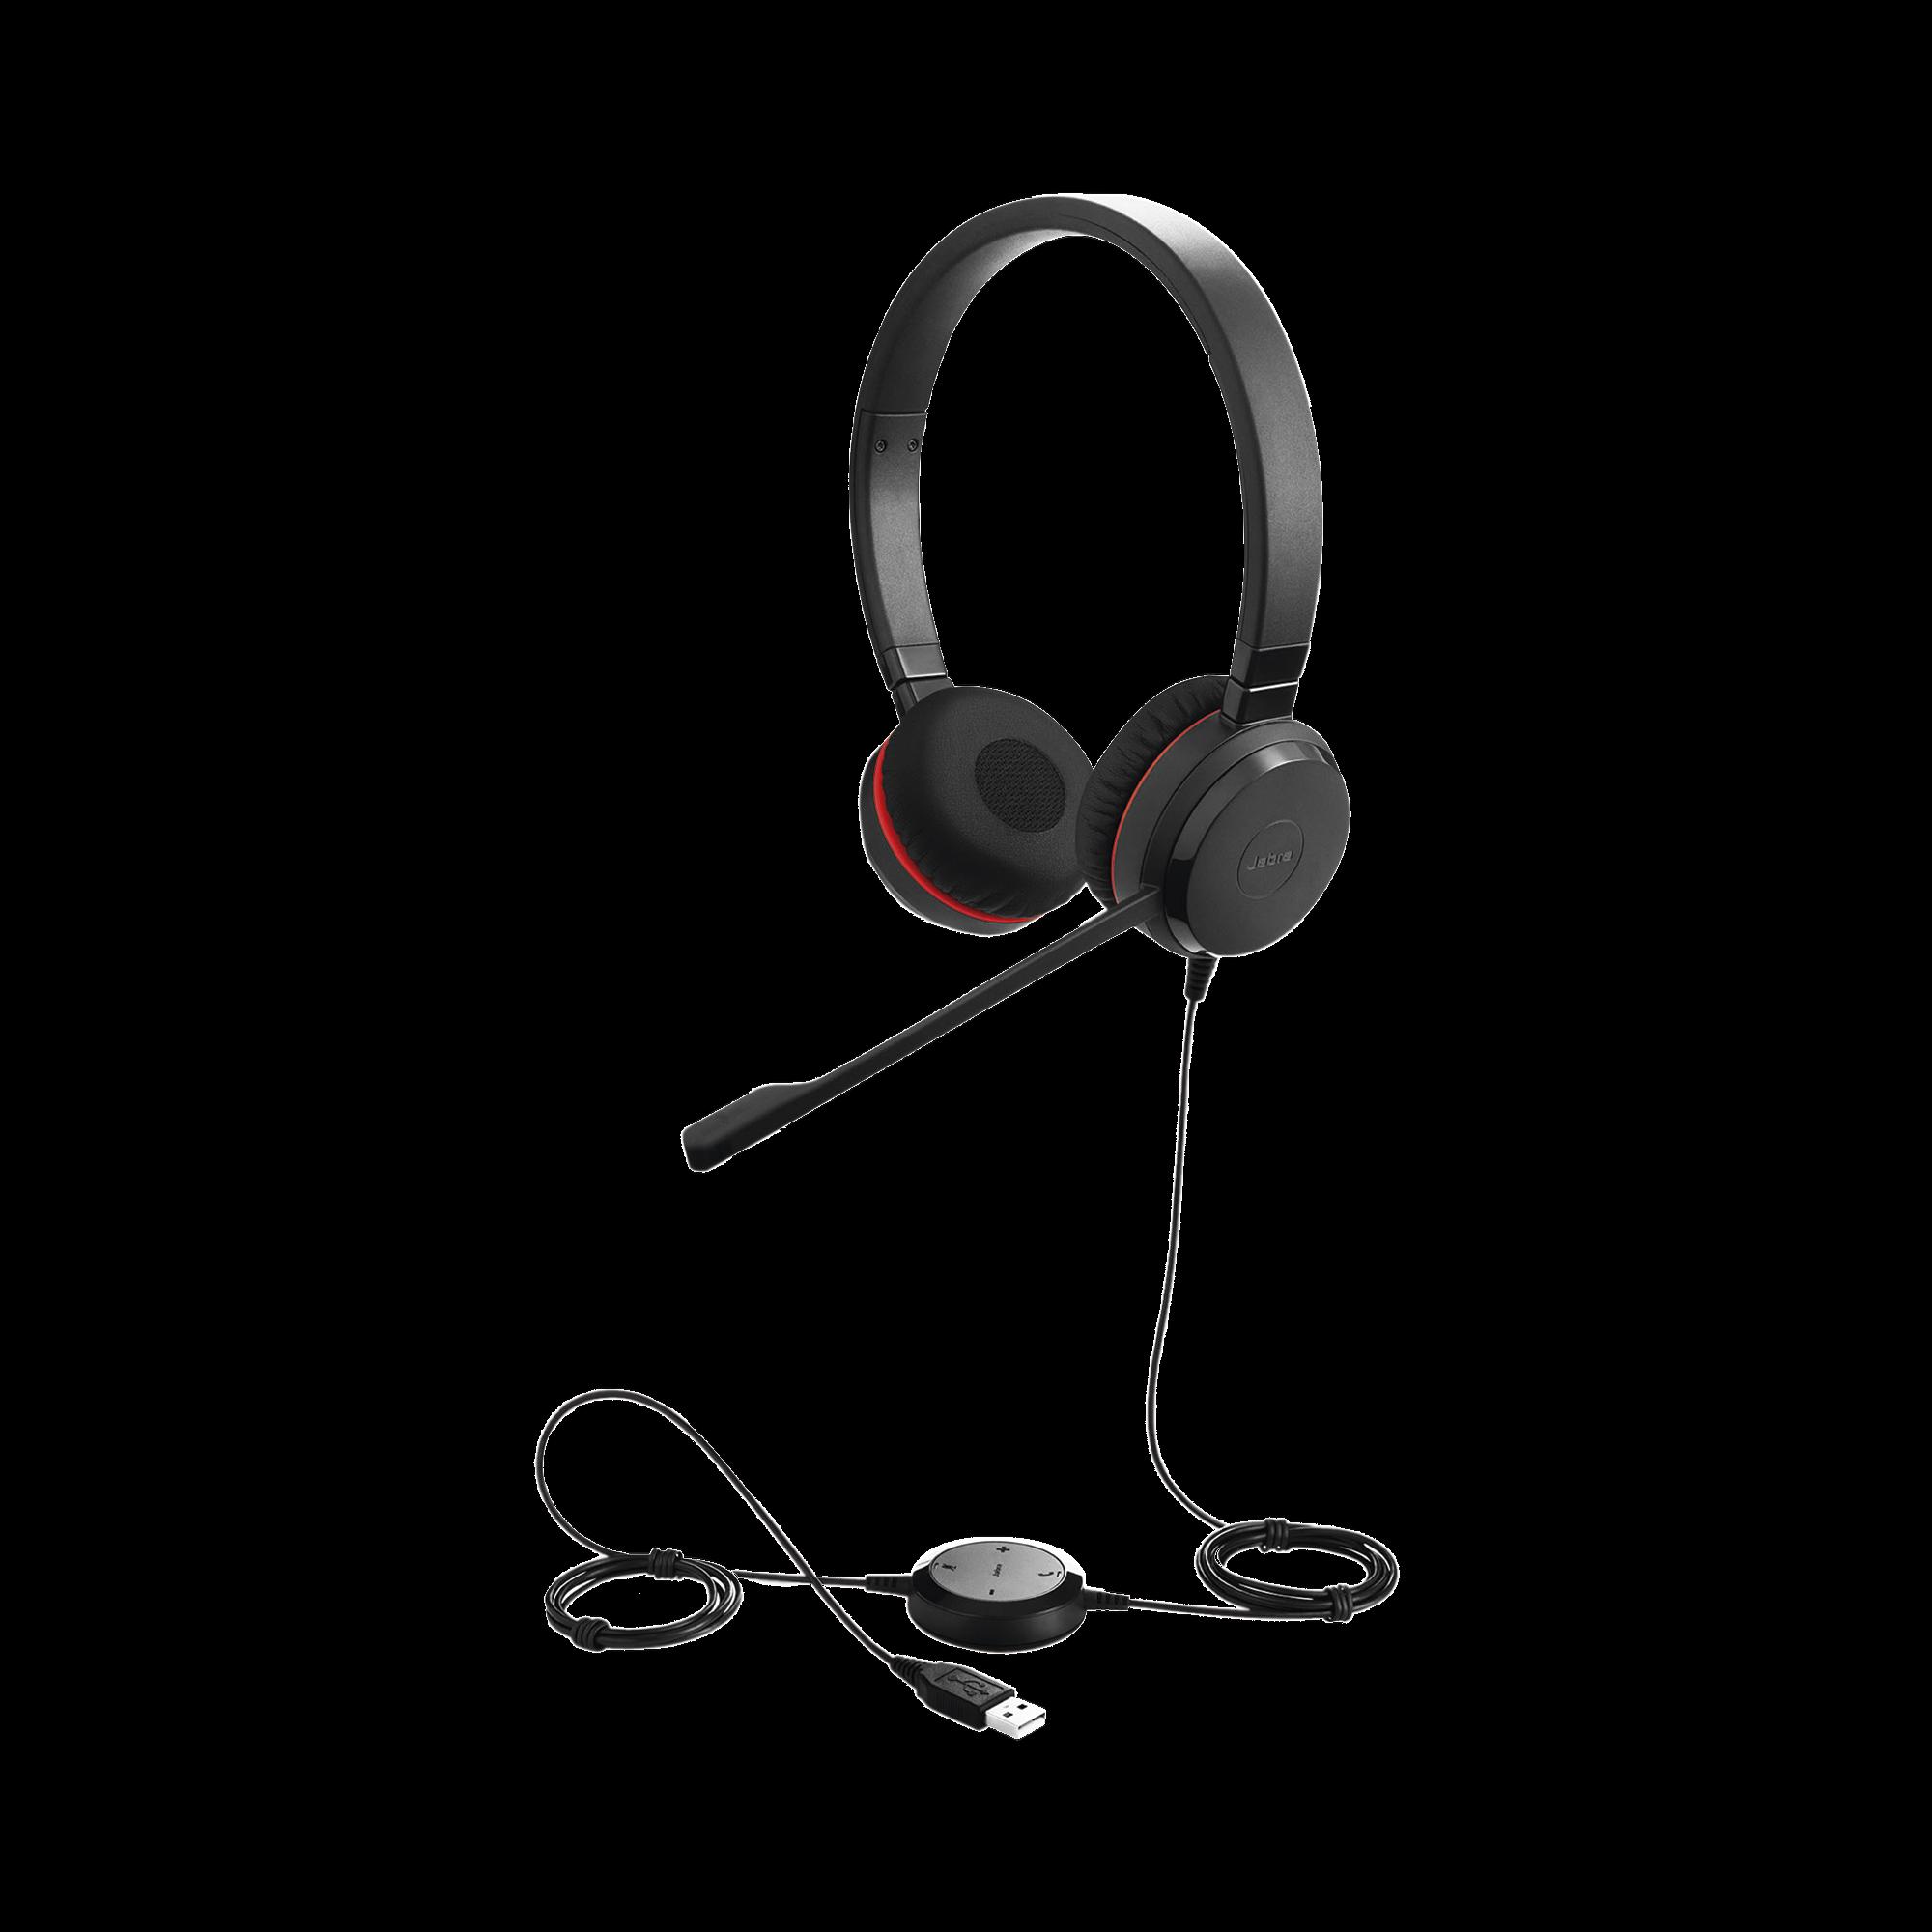 Jabra Evolve 30 Duo con conexión USB / 3.5mm, micrófono con cancelación de ruido y controlador en el cable con botones e indicadores LED (5399-829-309)